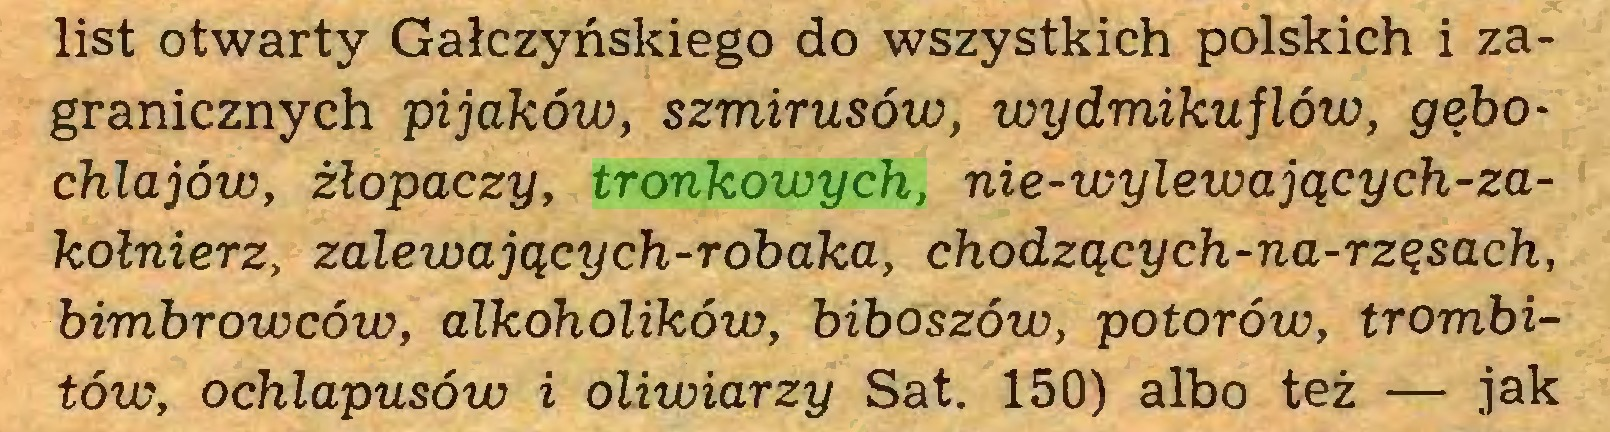 (...) list otwarty Gałczyńskiego do wszystkich polskich i zagranicznych pijaków, szmirusów, wydmikuflów, gębochlajów, żłopaczy, tronkowych, nie-wylewających-zakołnierz, zalewających-robaka, chodzących-na-rzęsach, bimbrowców, alkoholików, biboszów, potorów, trombitów, ochlapusów i oliwiarzy Sat. 150) albo też — jak...